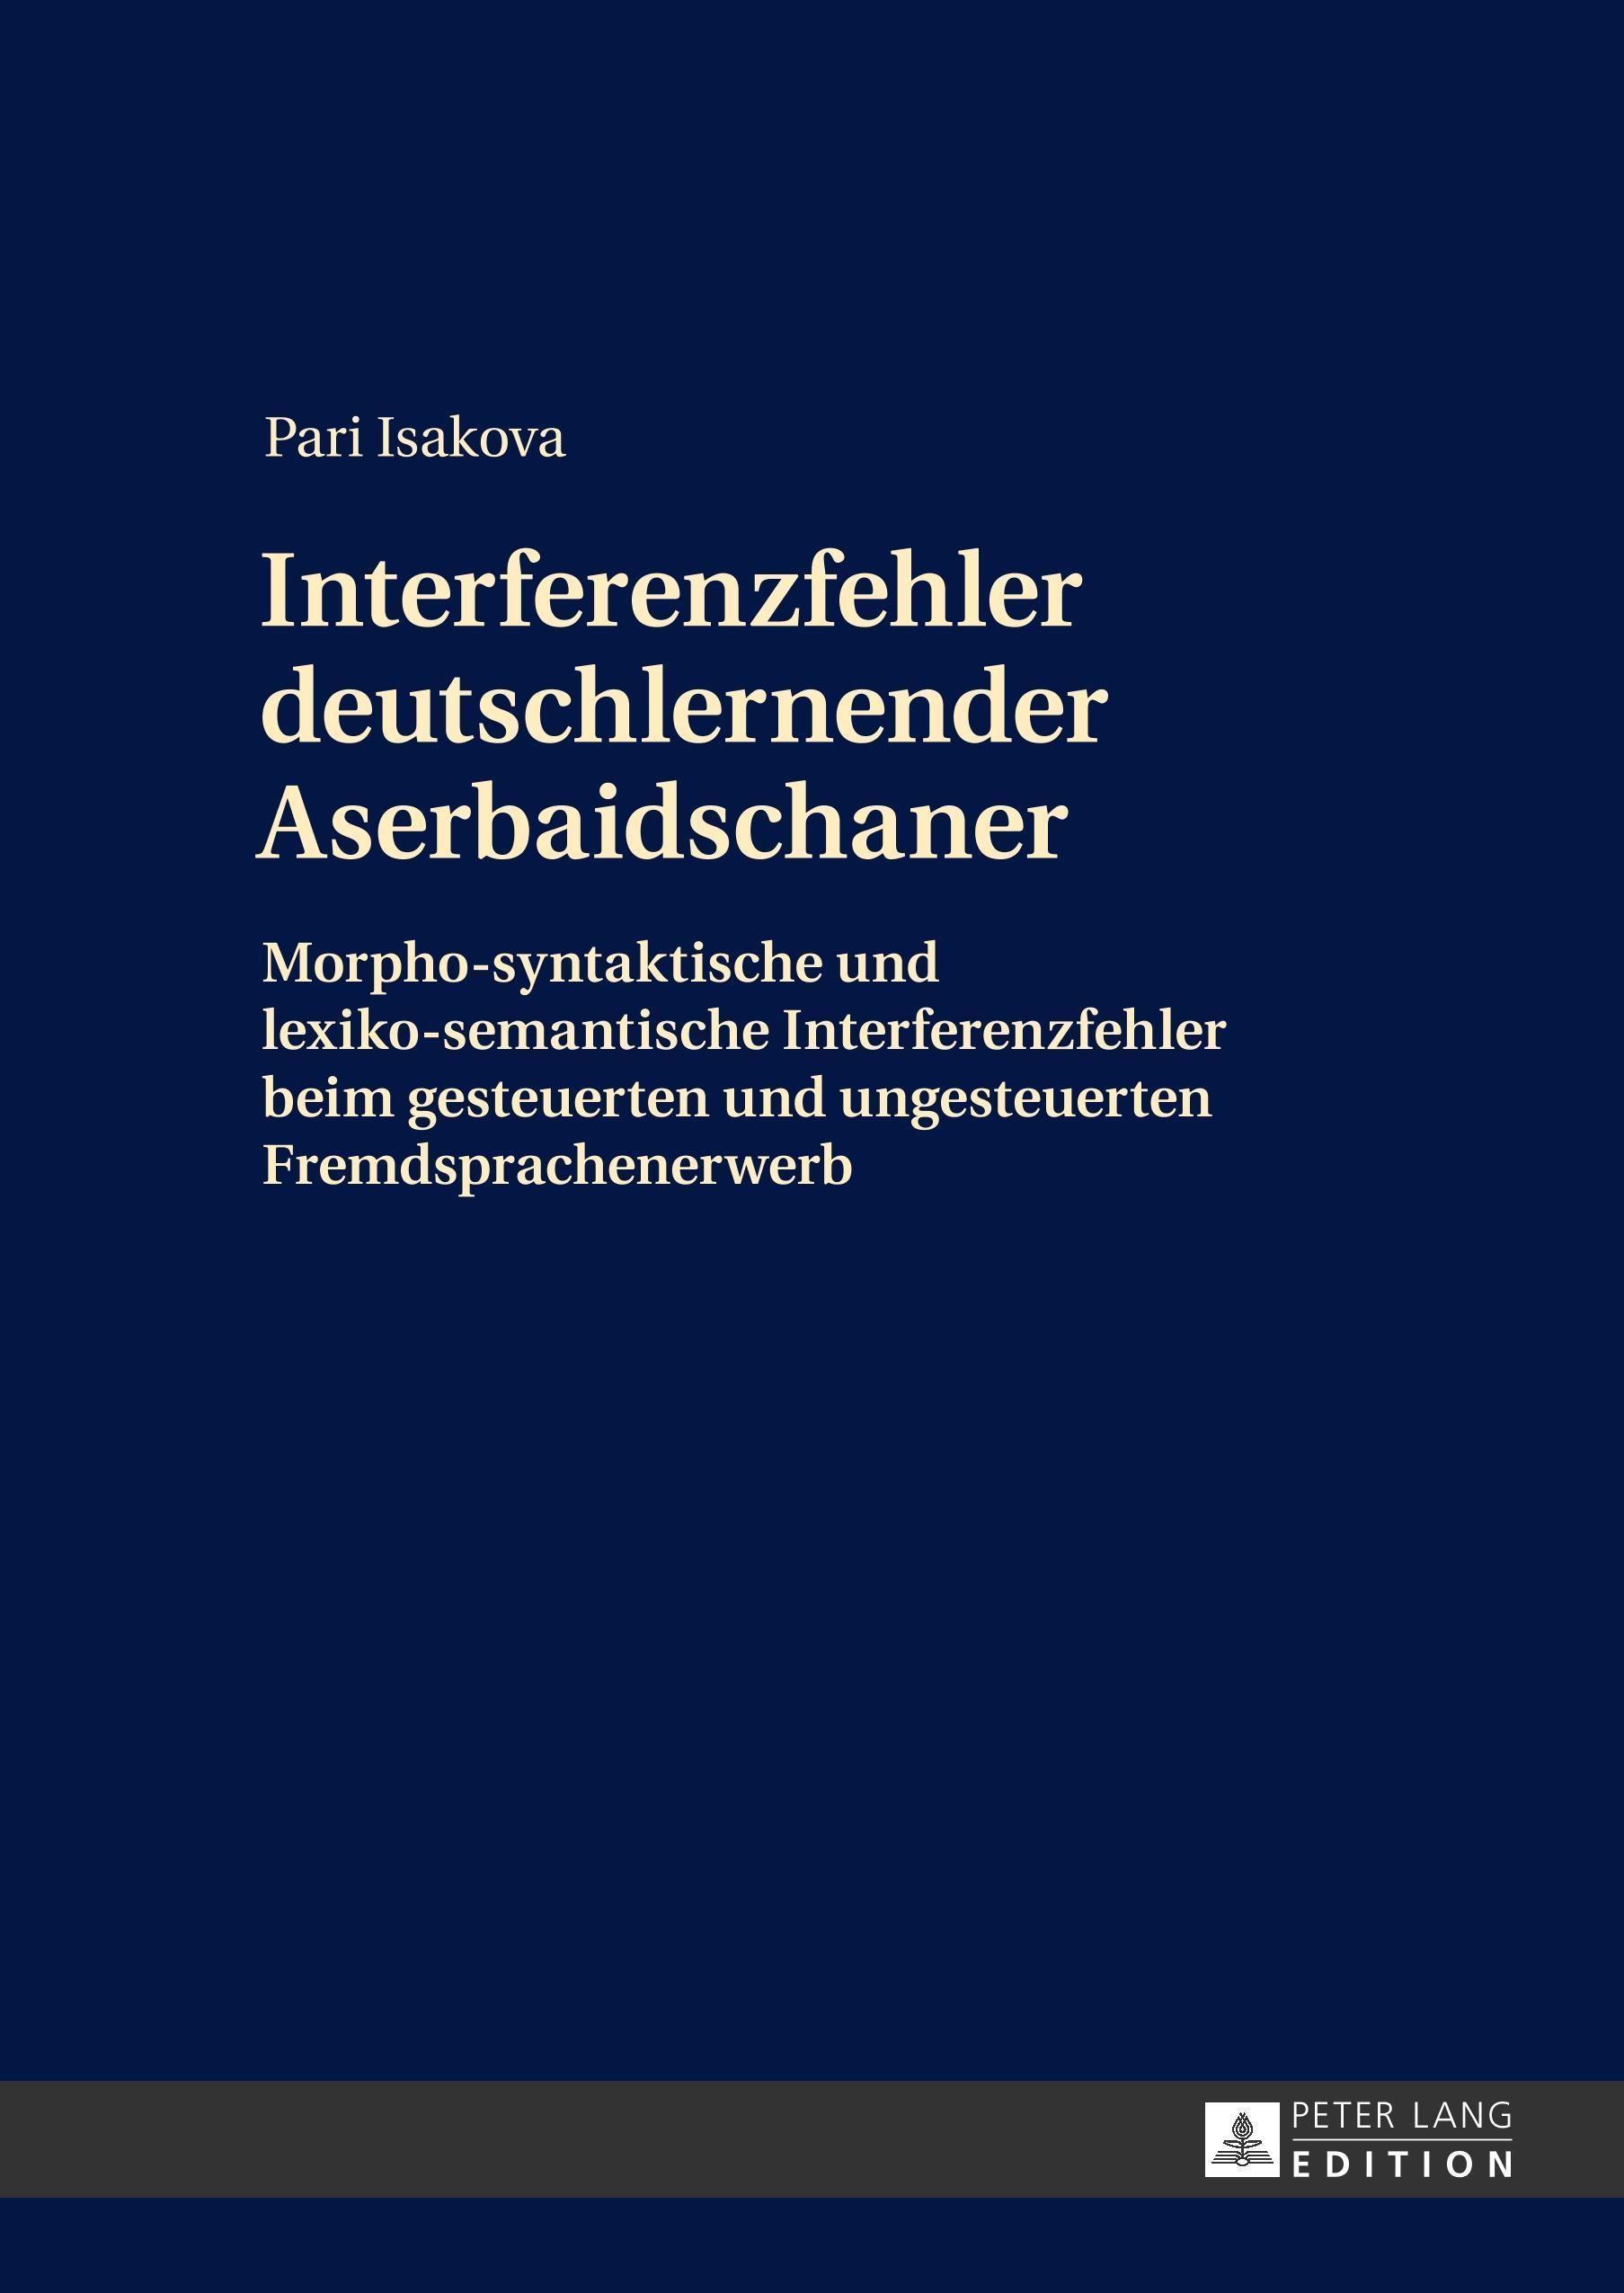 Interferenzfehler deutschlernender Aserbaidschaner Pari Isakova